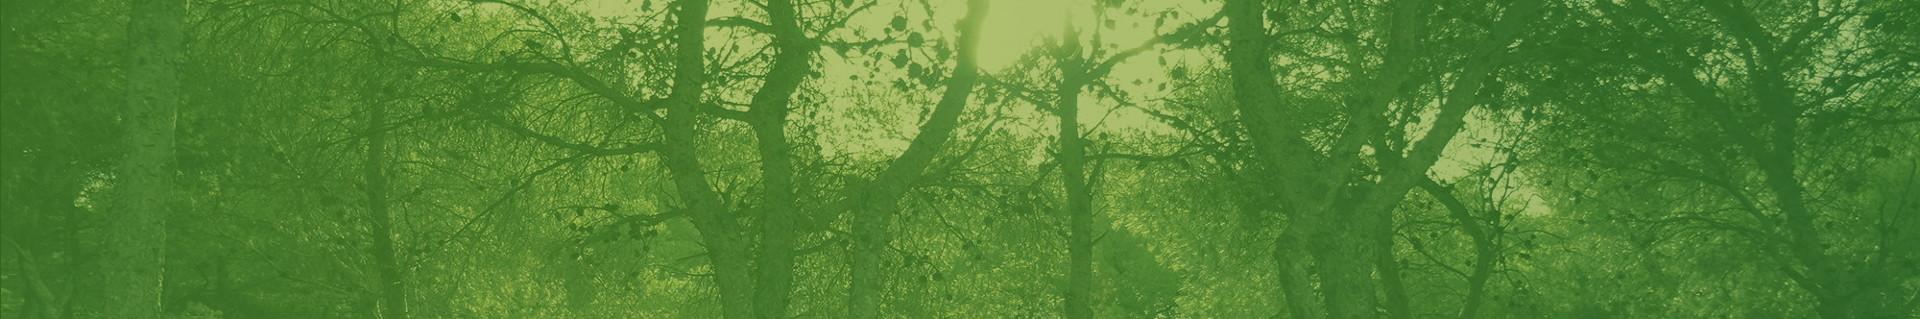 Cabecera bosque